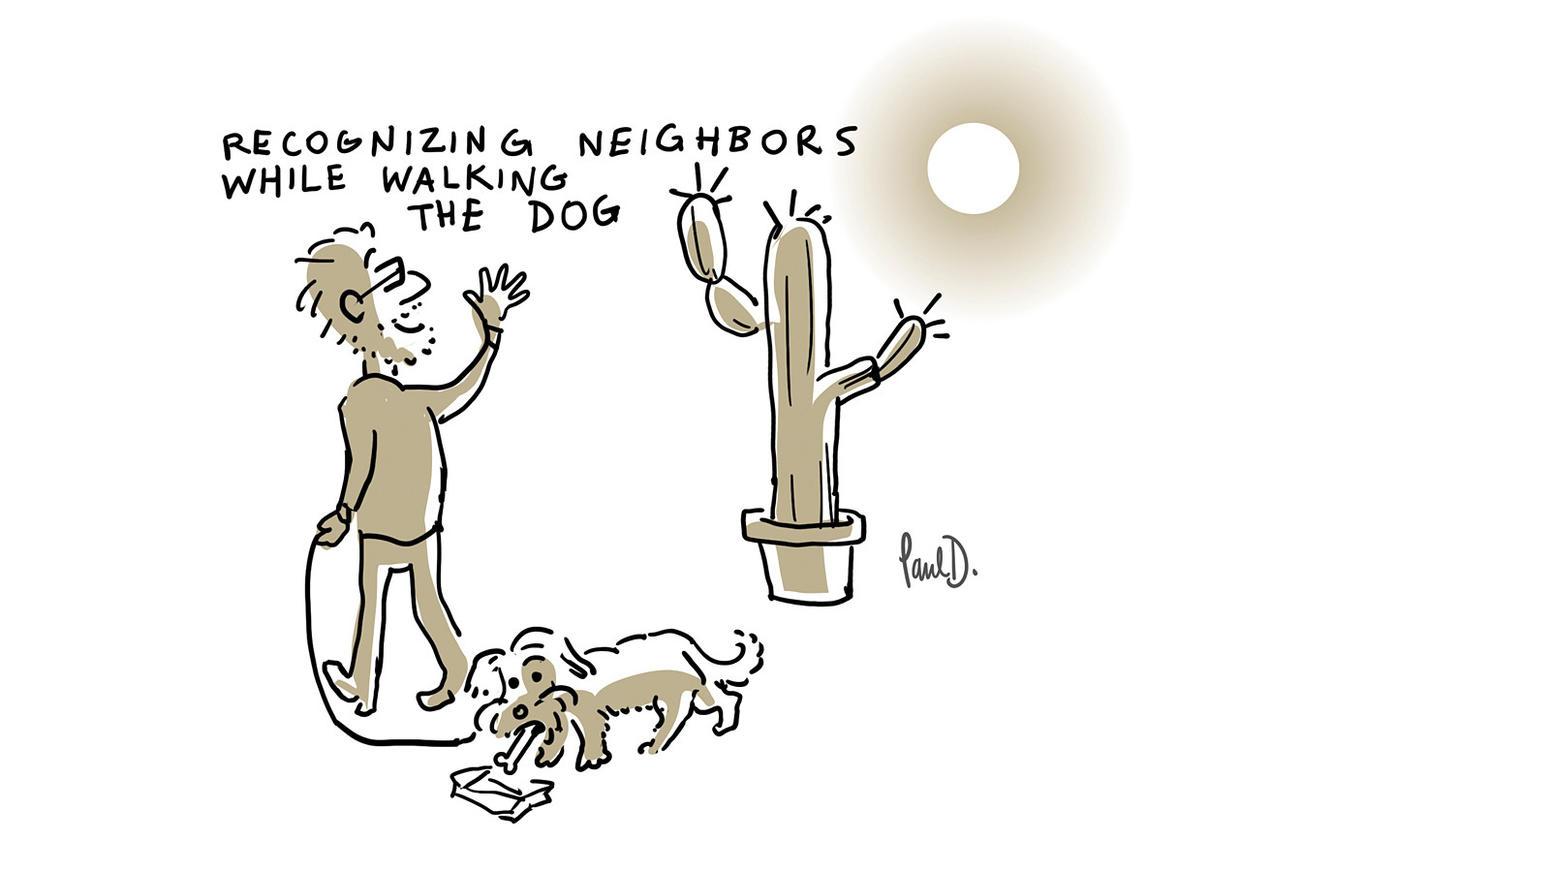 A cartoon by Paul Demeyer.